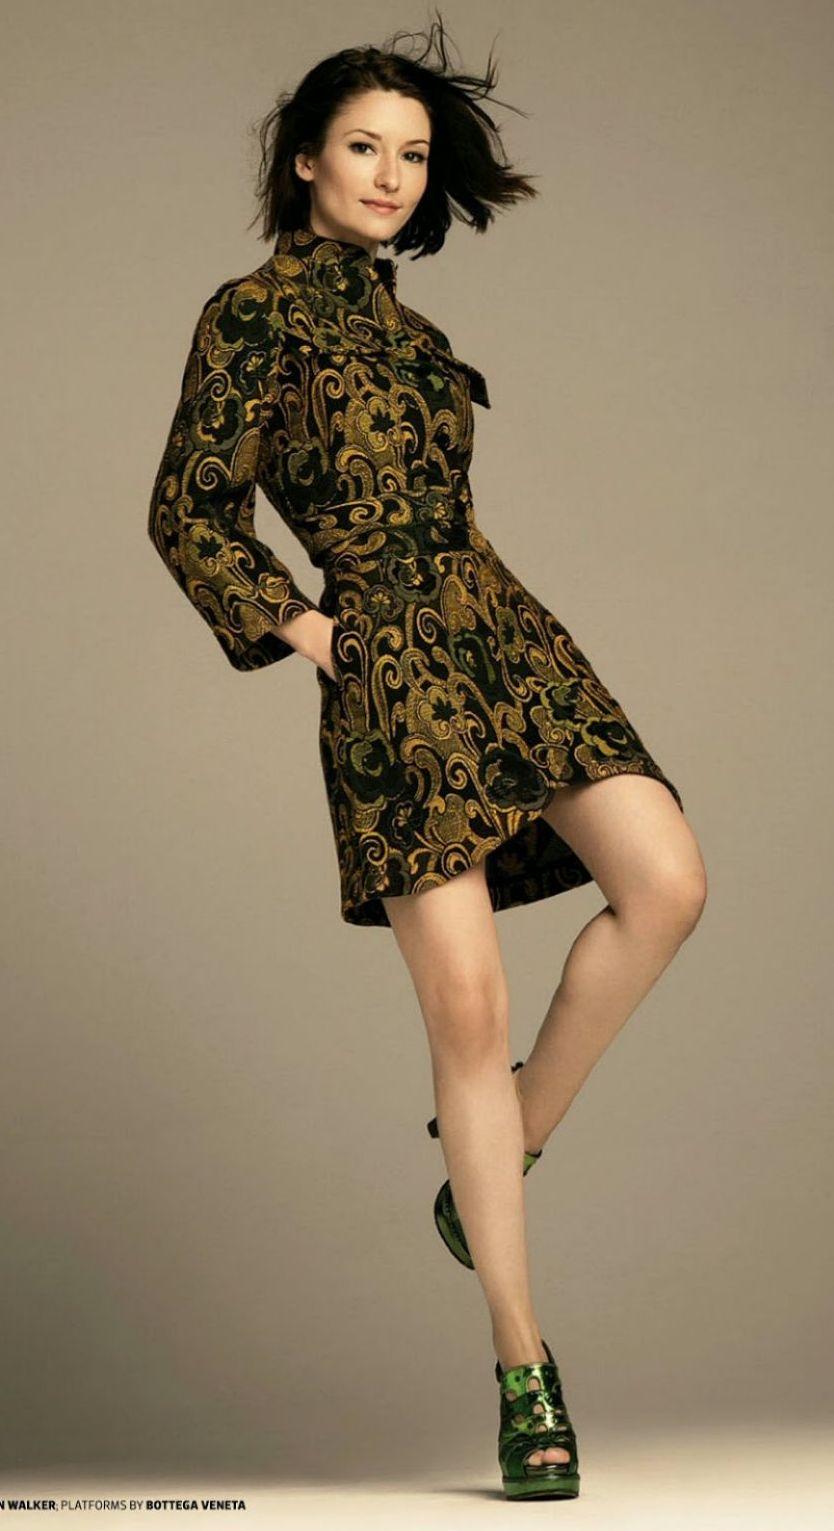 Chyler Leigh nude, Chyler Leigh naked, Chyler Leigh hot pics, supergirl tv show actress Chyler Leigh (